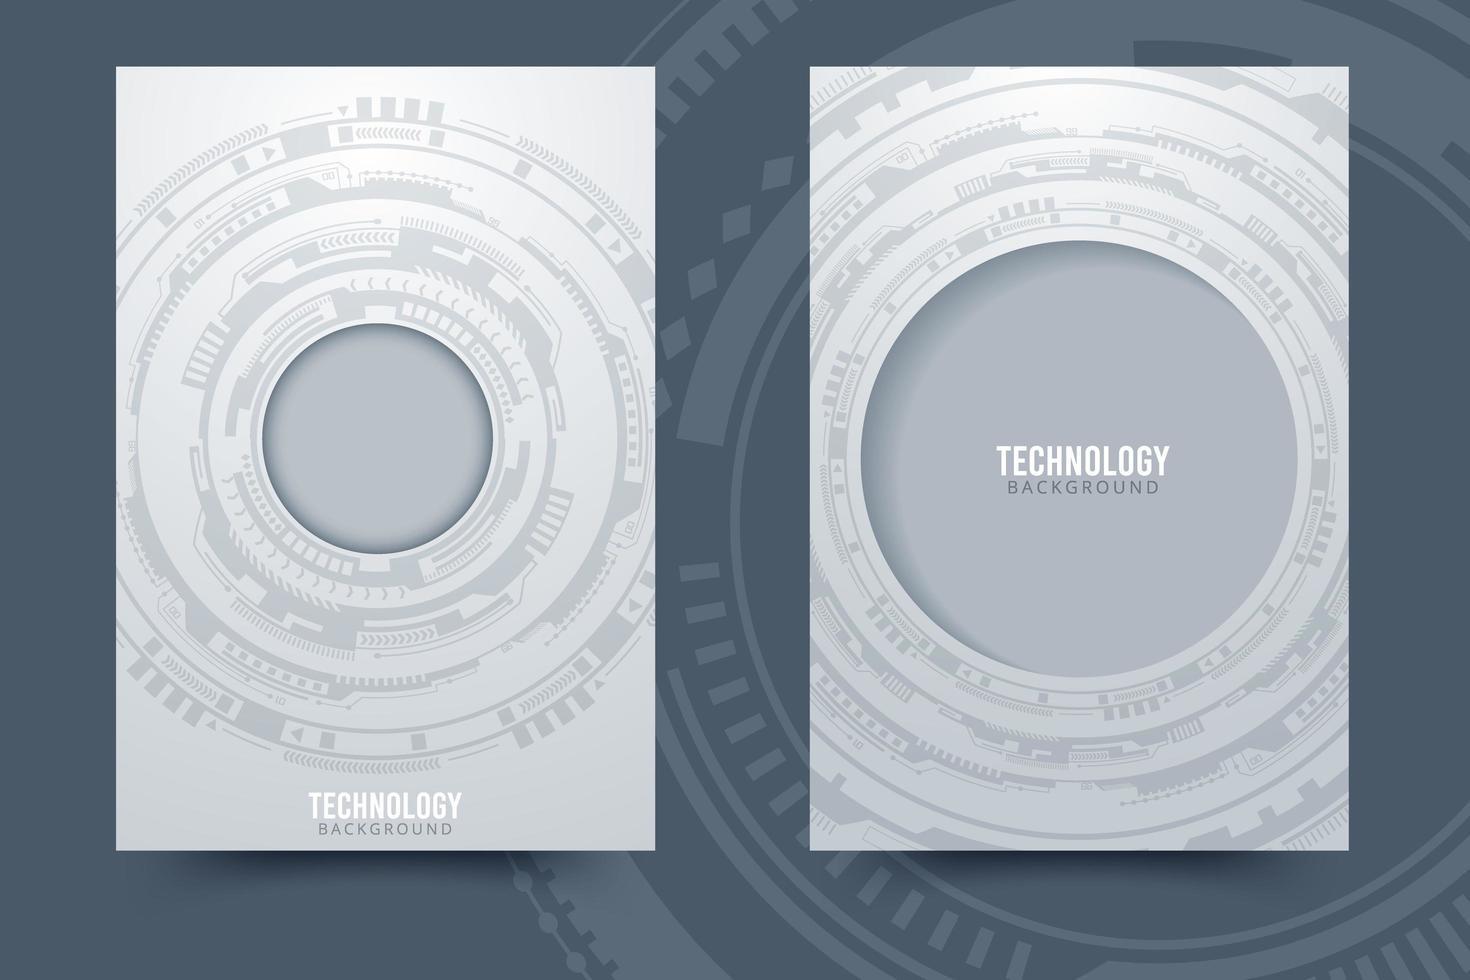 sfondo di tecnologia cerchio grigio e bianco vettore